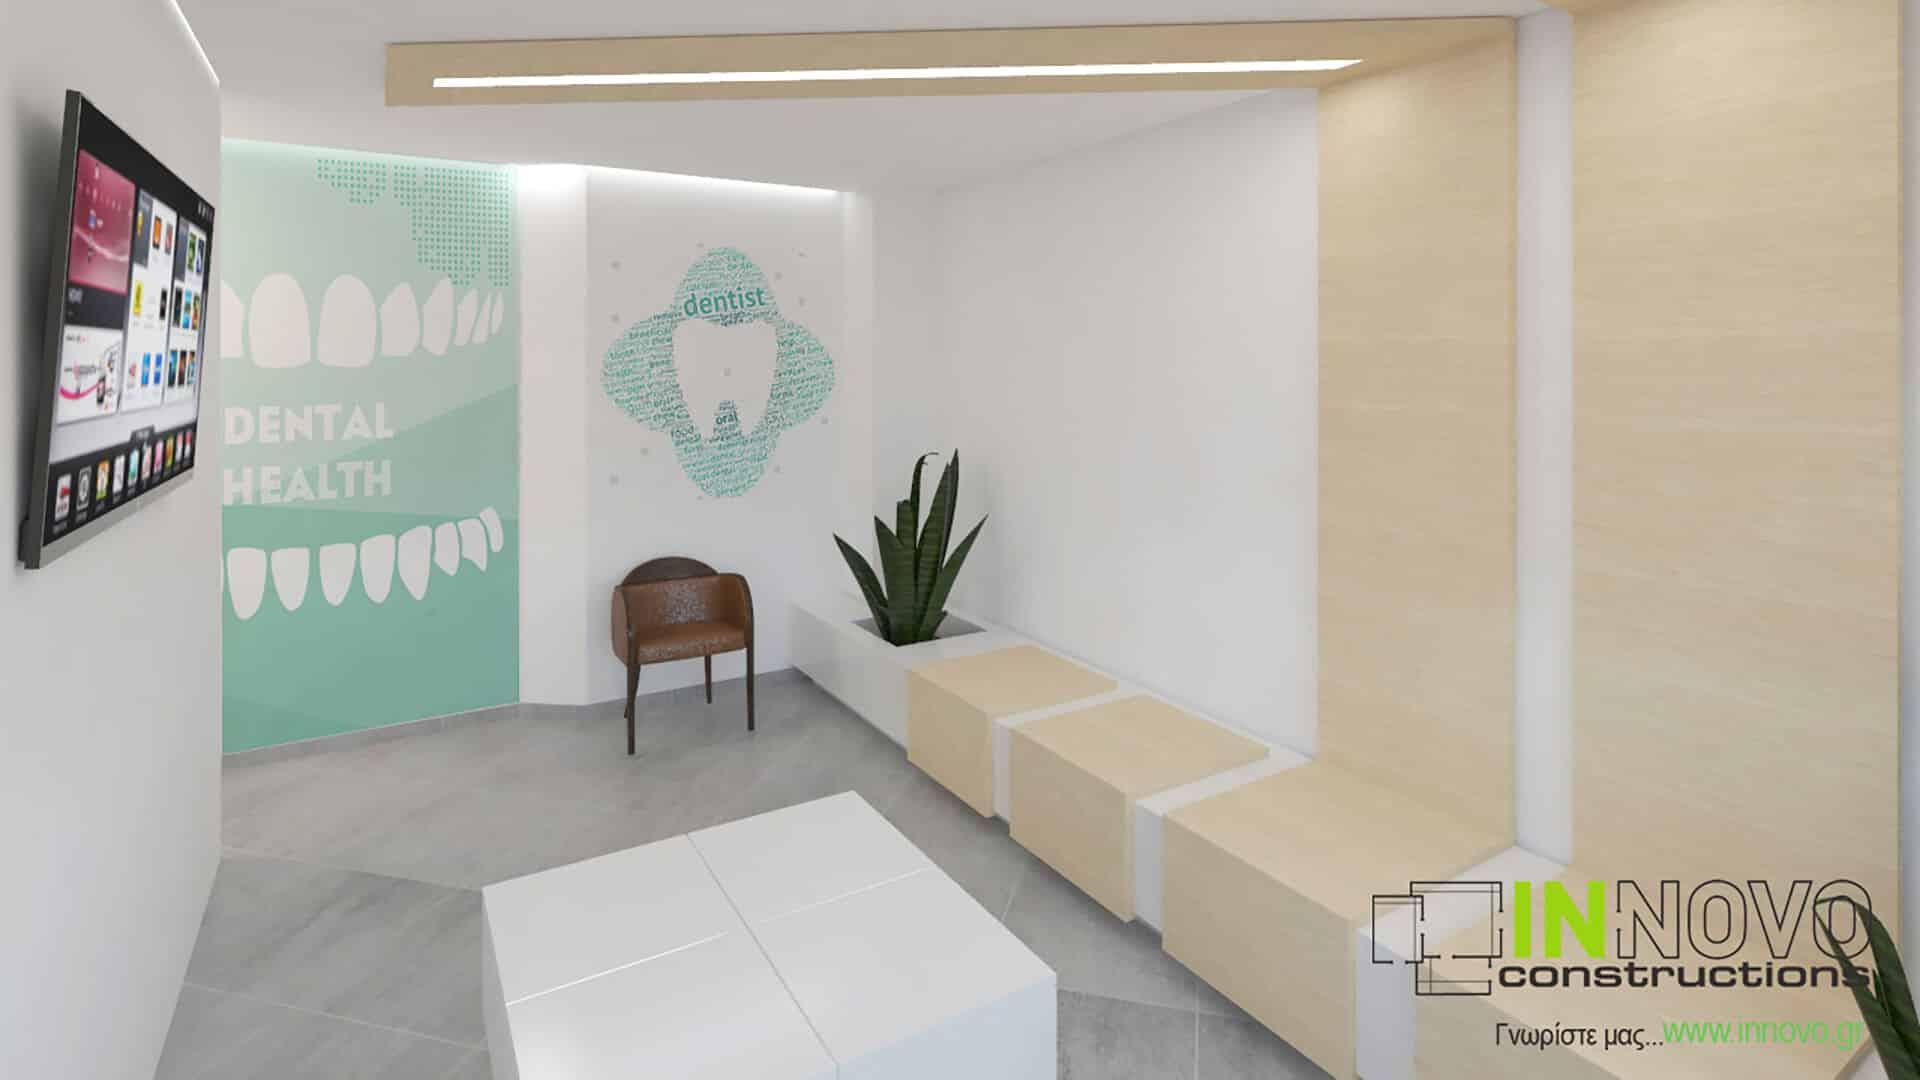 Μελέτη ανακαίνισης οδοντιατρείου στο Παλαιό Φάληρο